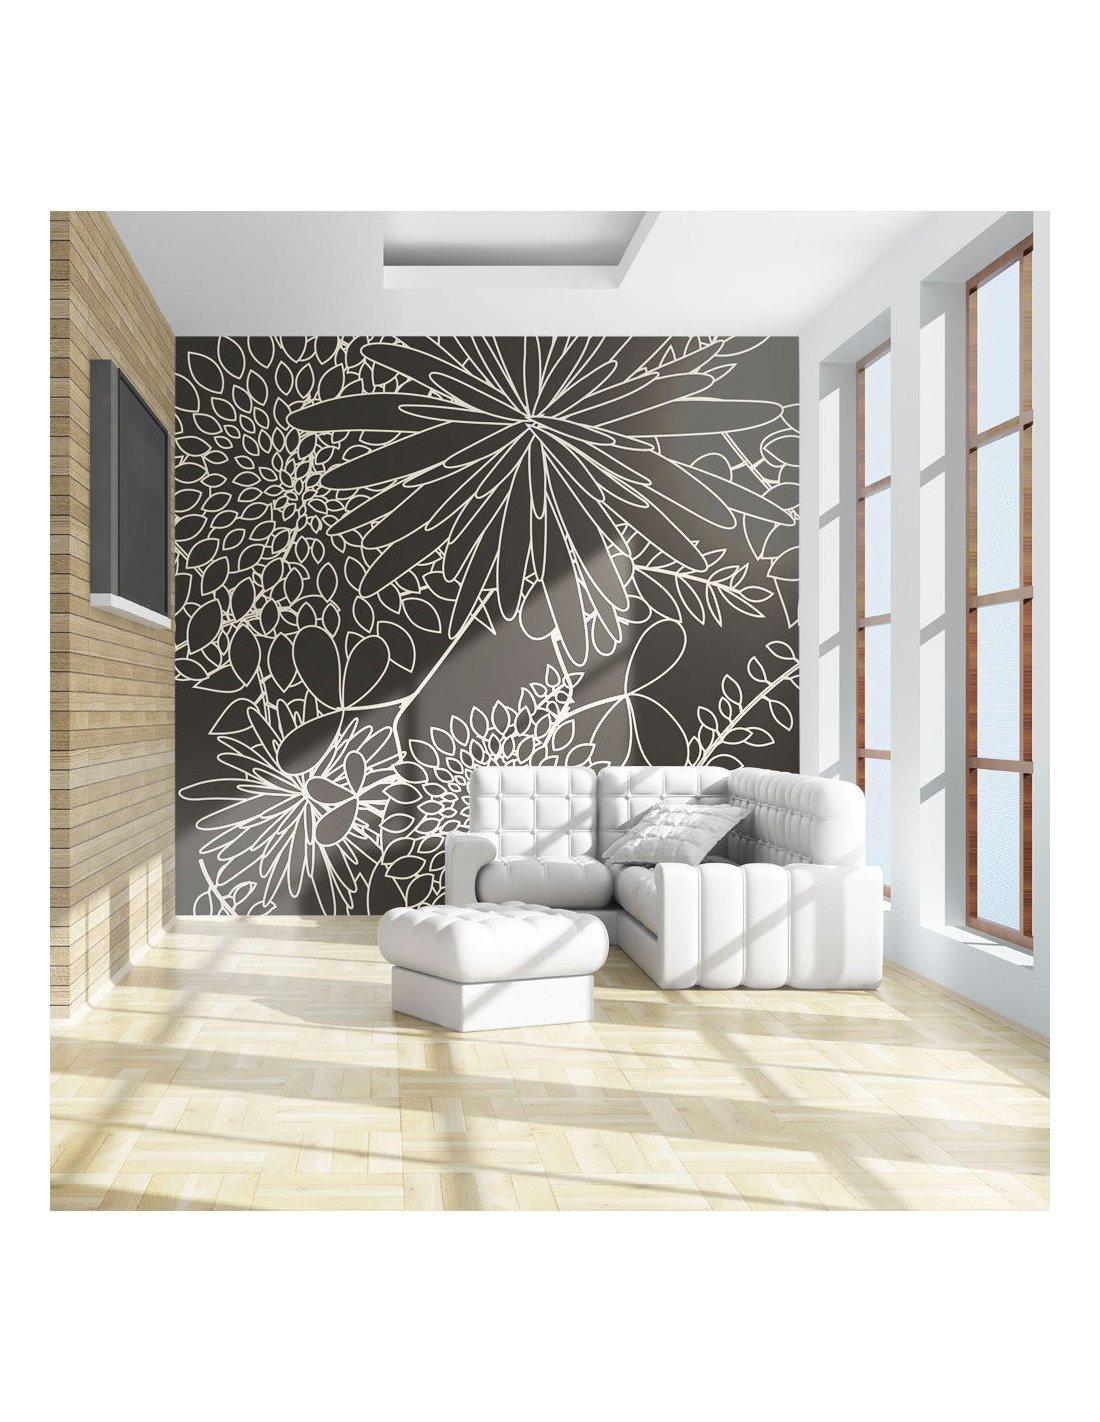 Papier Peint A Rayure Gris Et Blanc papier peint motif floral en n&b | artgeist | gris